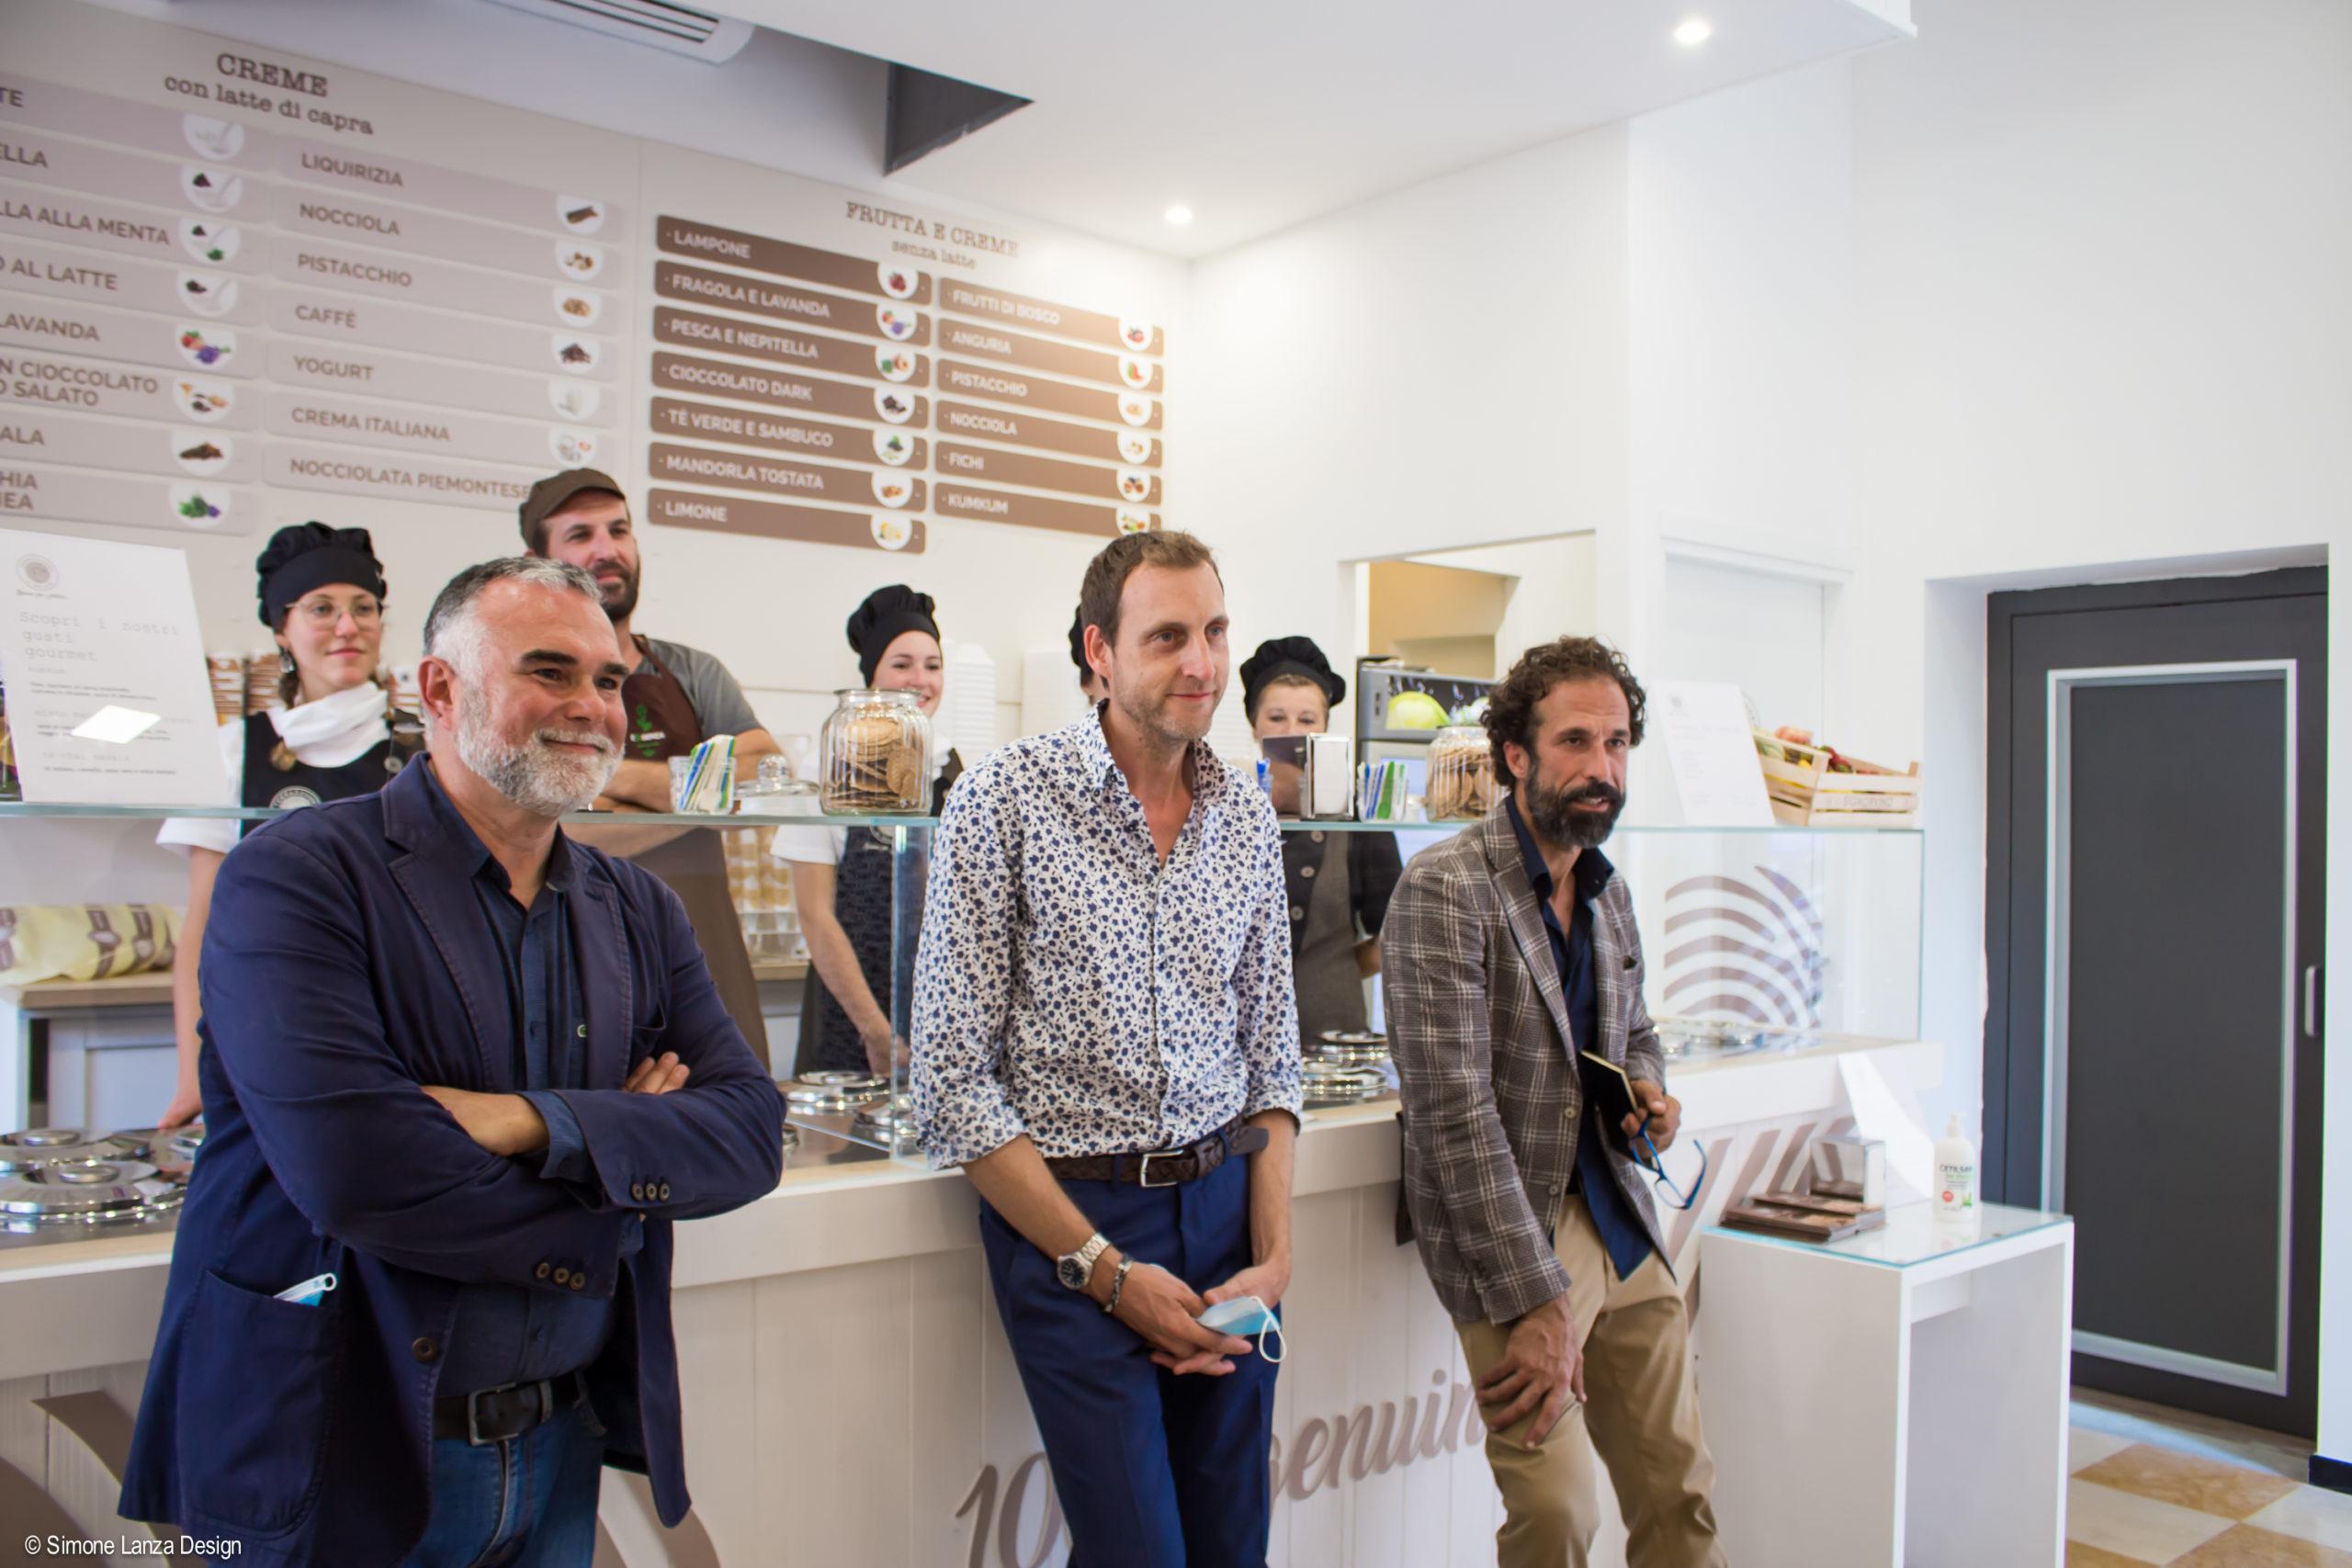 Il presidente e i proprietari di Terra e Cuore all'inaugurazione del nuovo punto vendita in via IV novembre a Verona